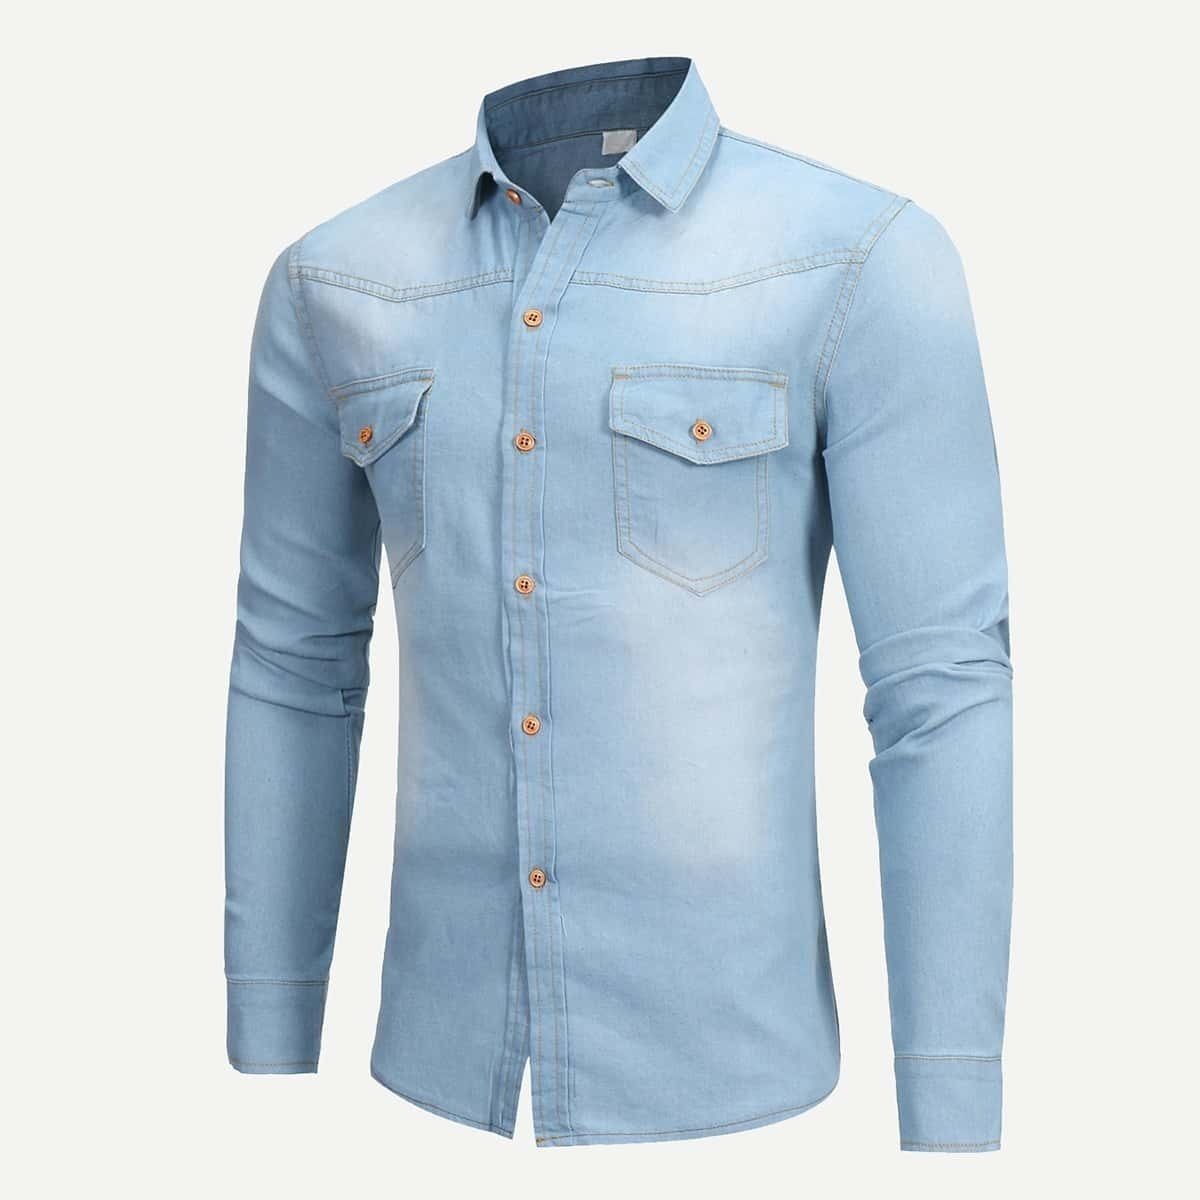 Мужчины желают простой джинсовой блузы